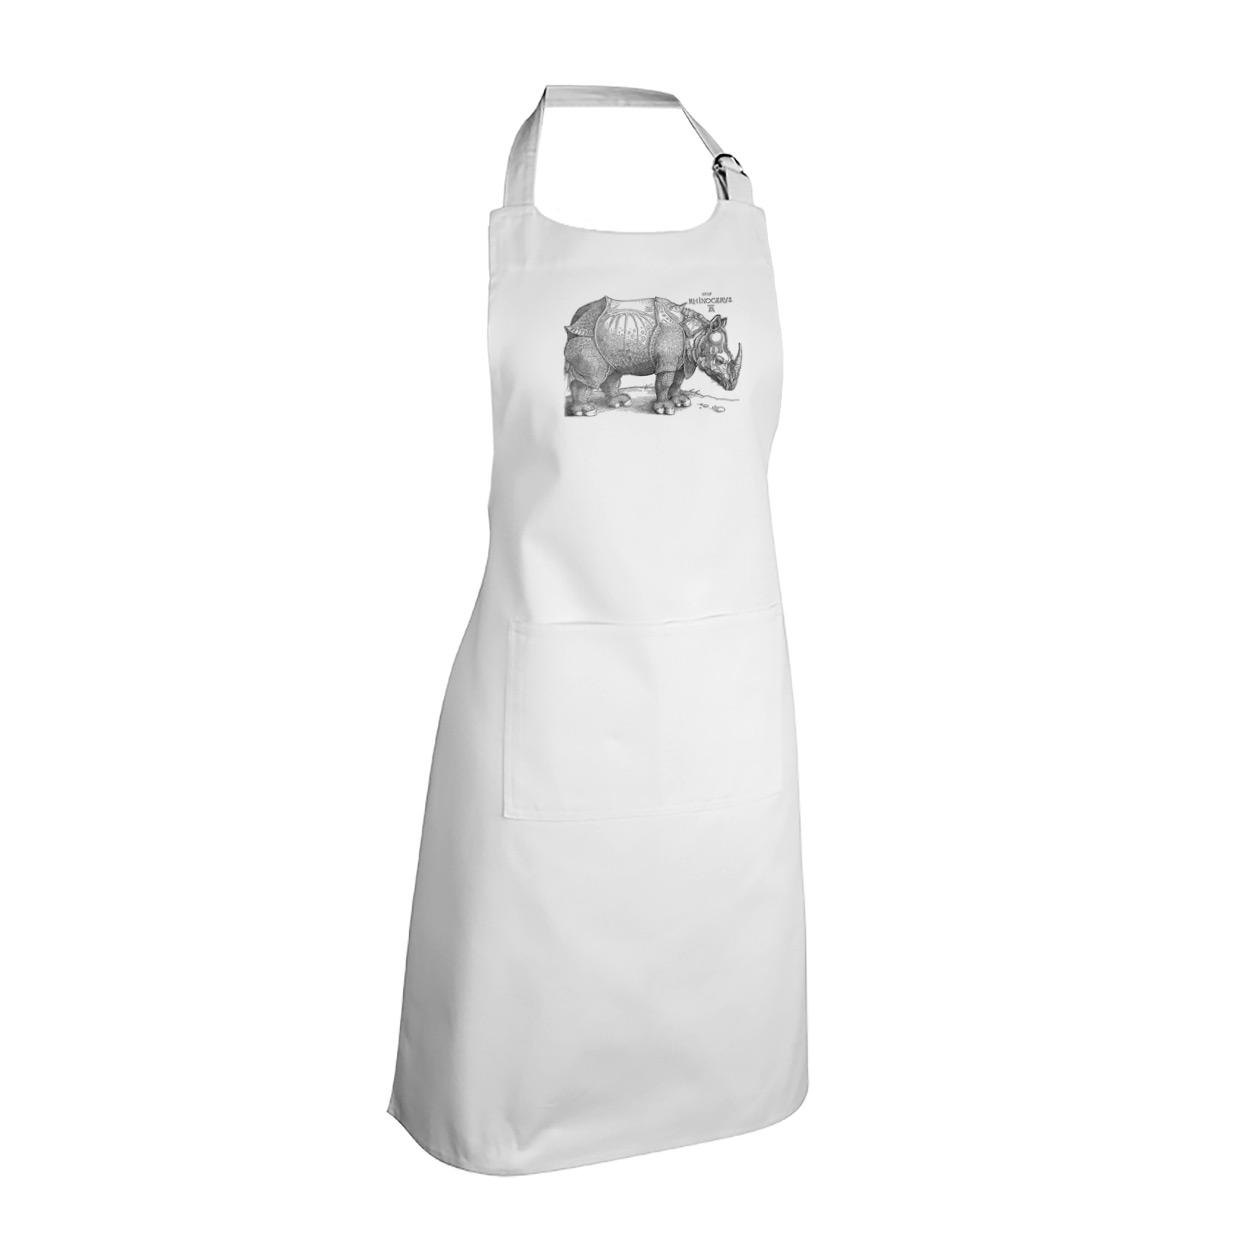 Avental Branco Rhino